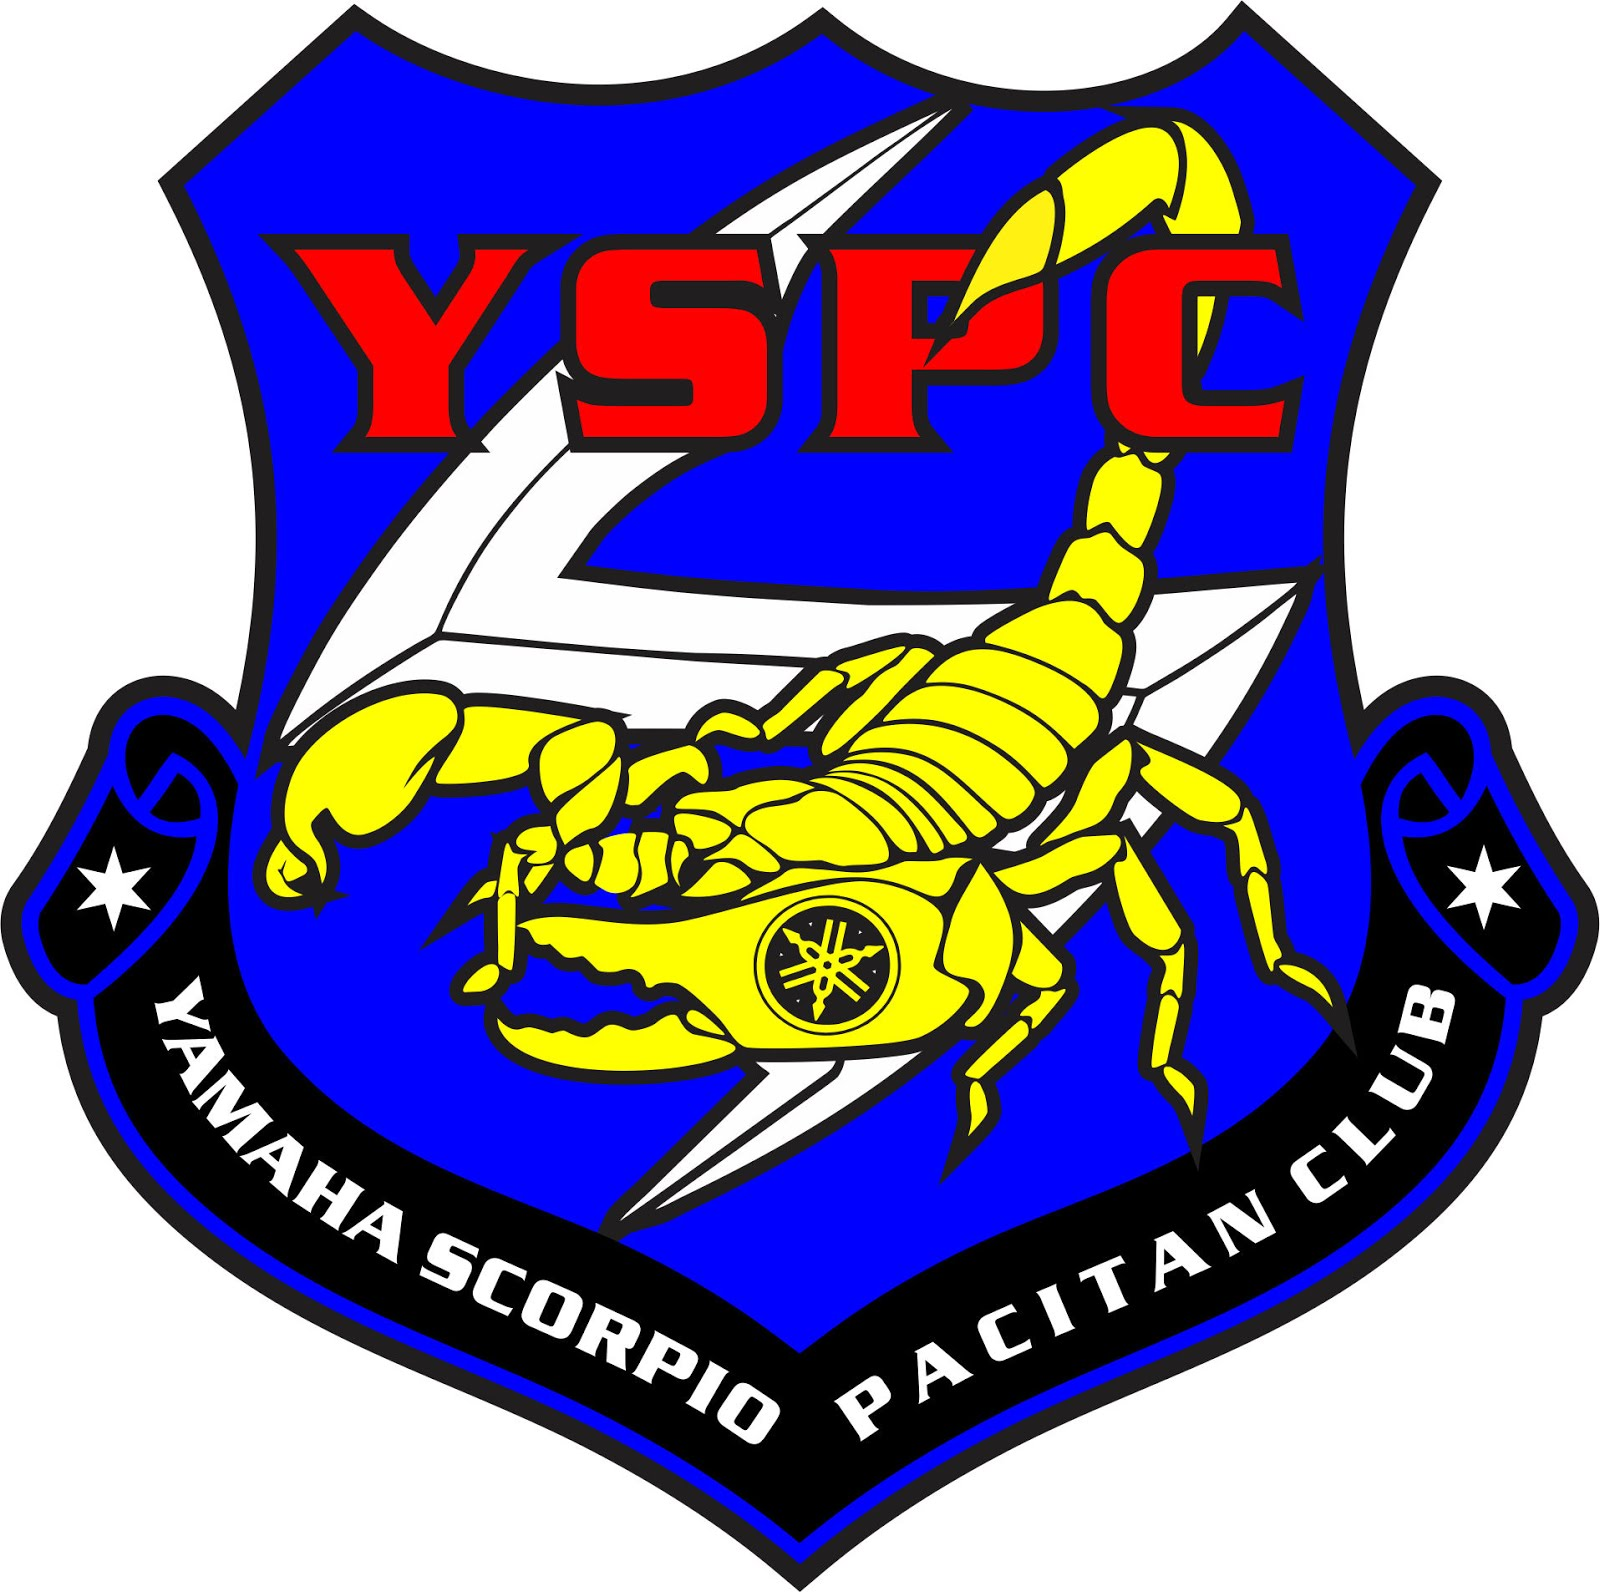 LOGO YSPC